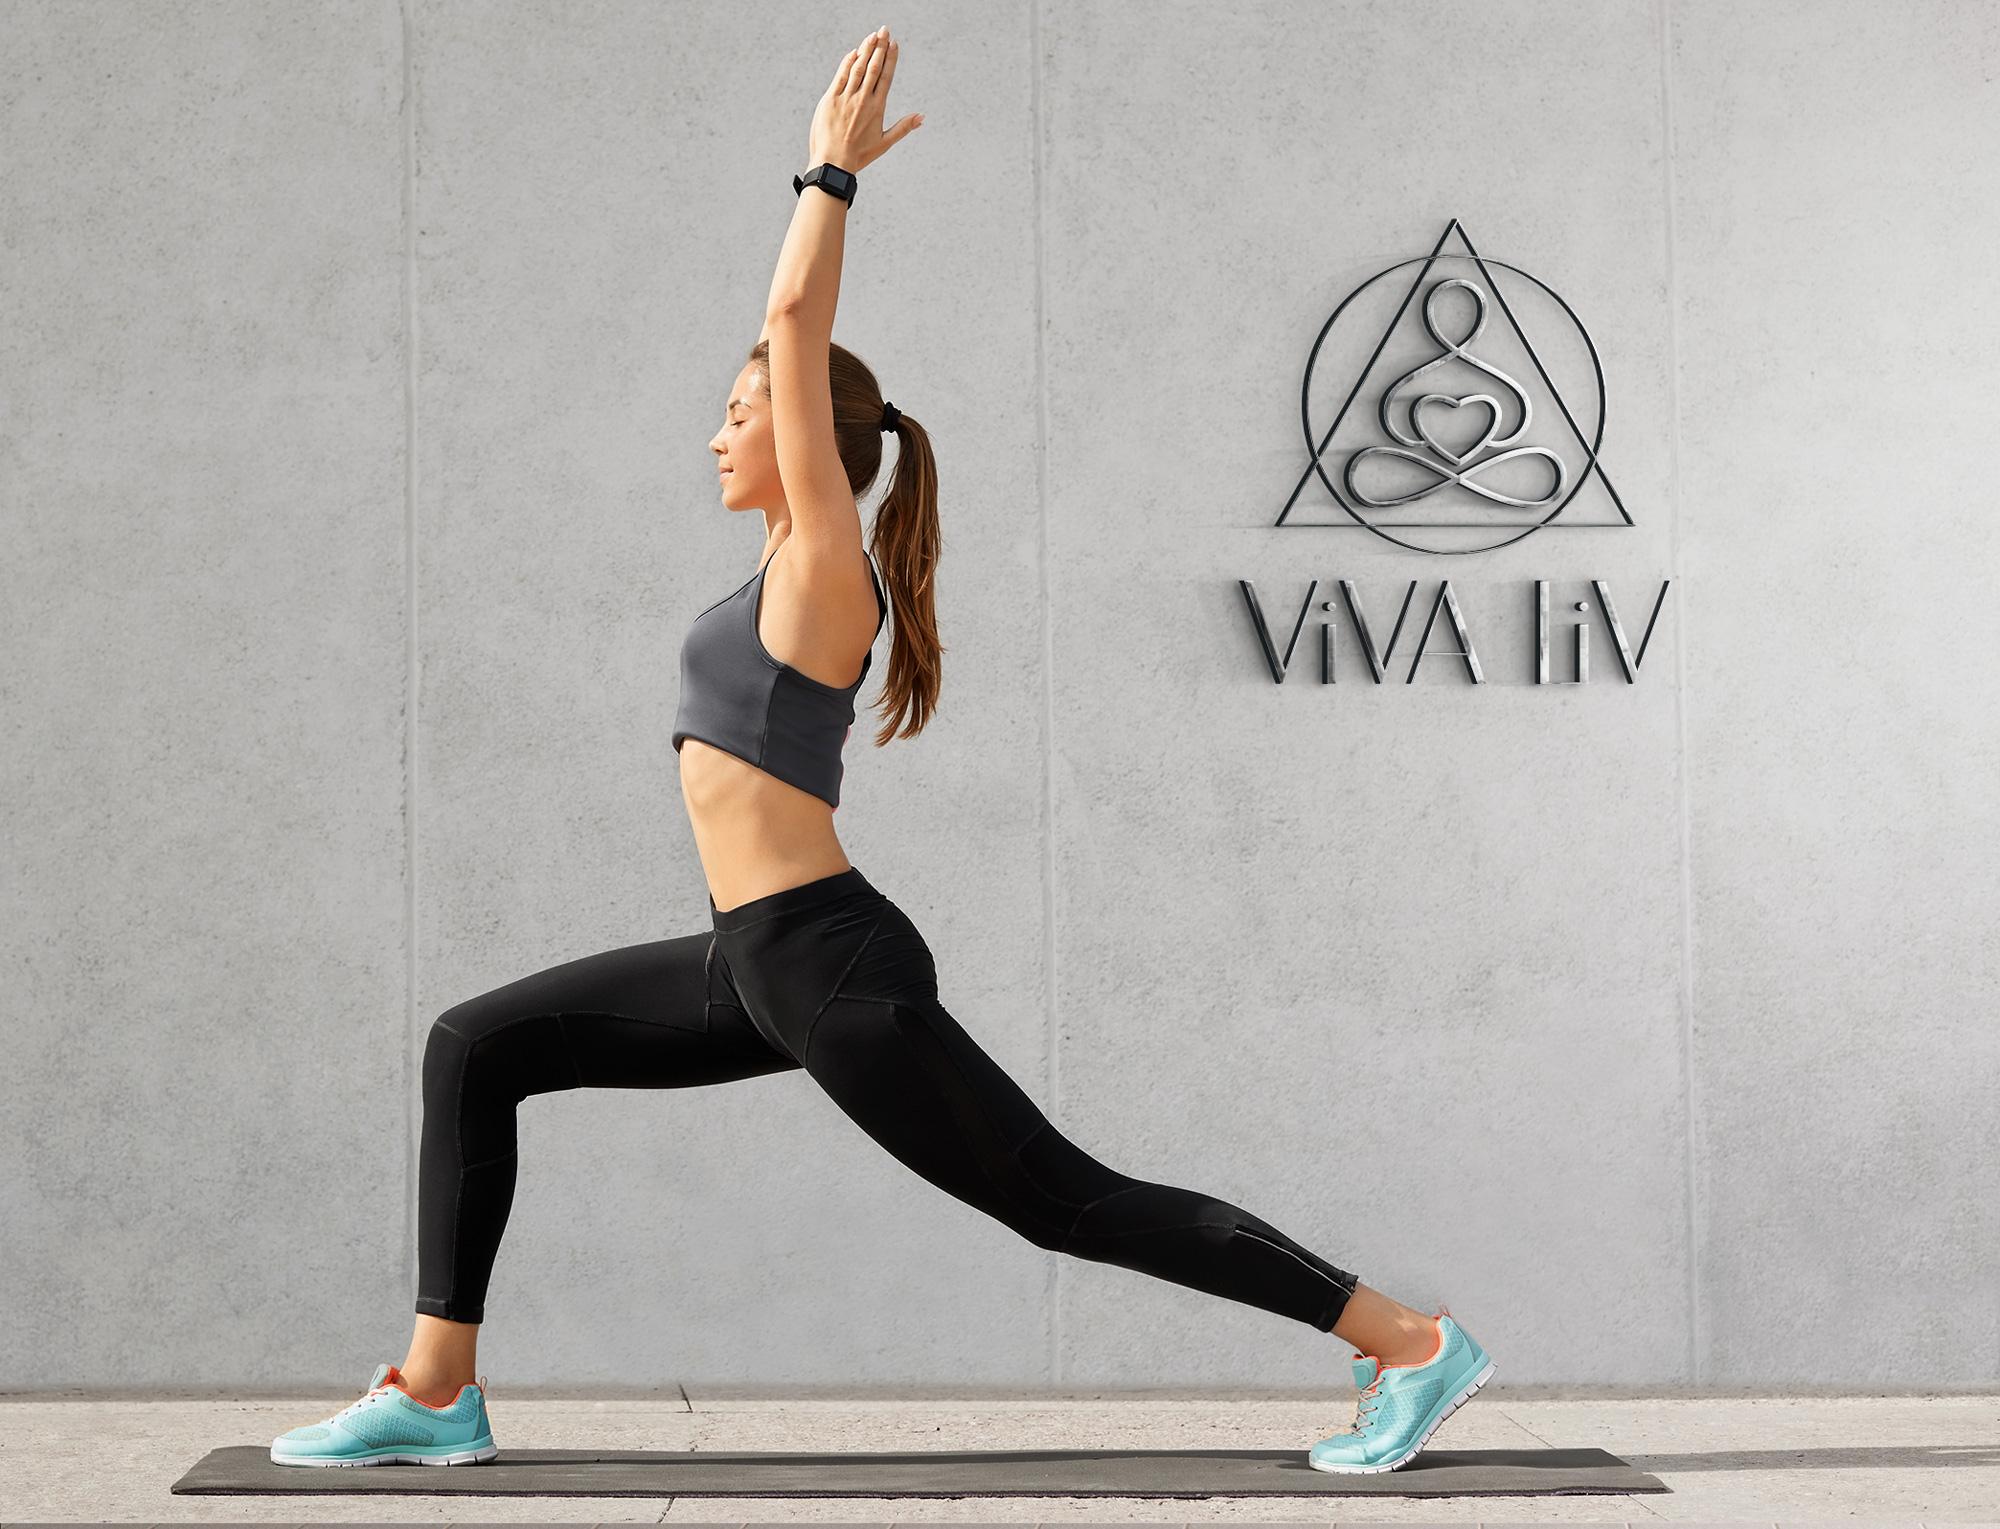 разработка логотипа для бренда одежды йога